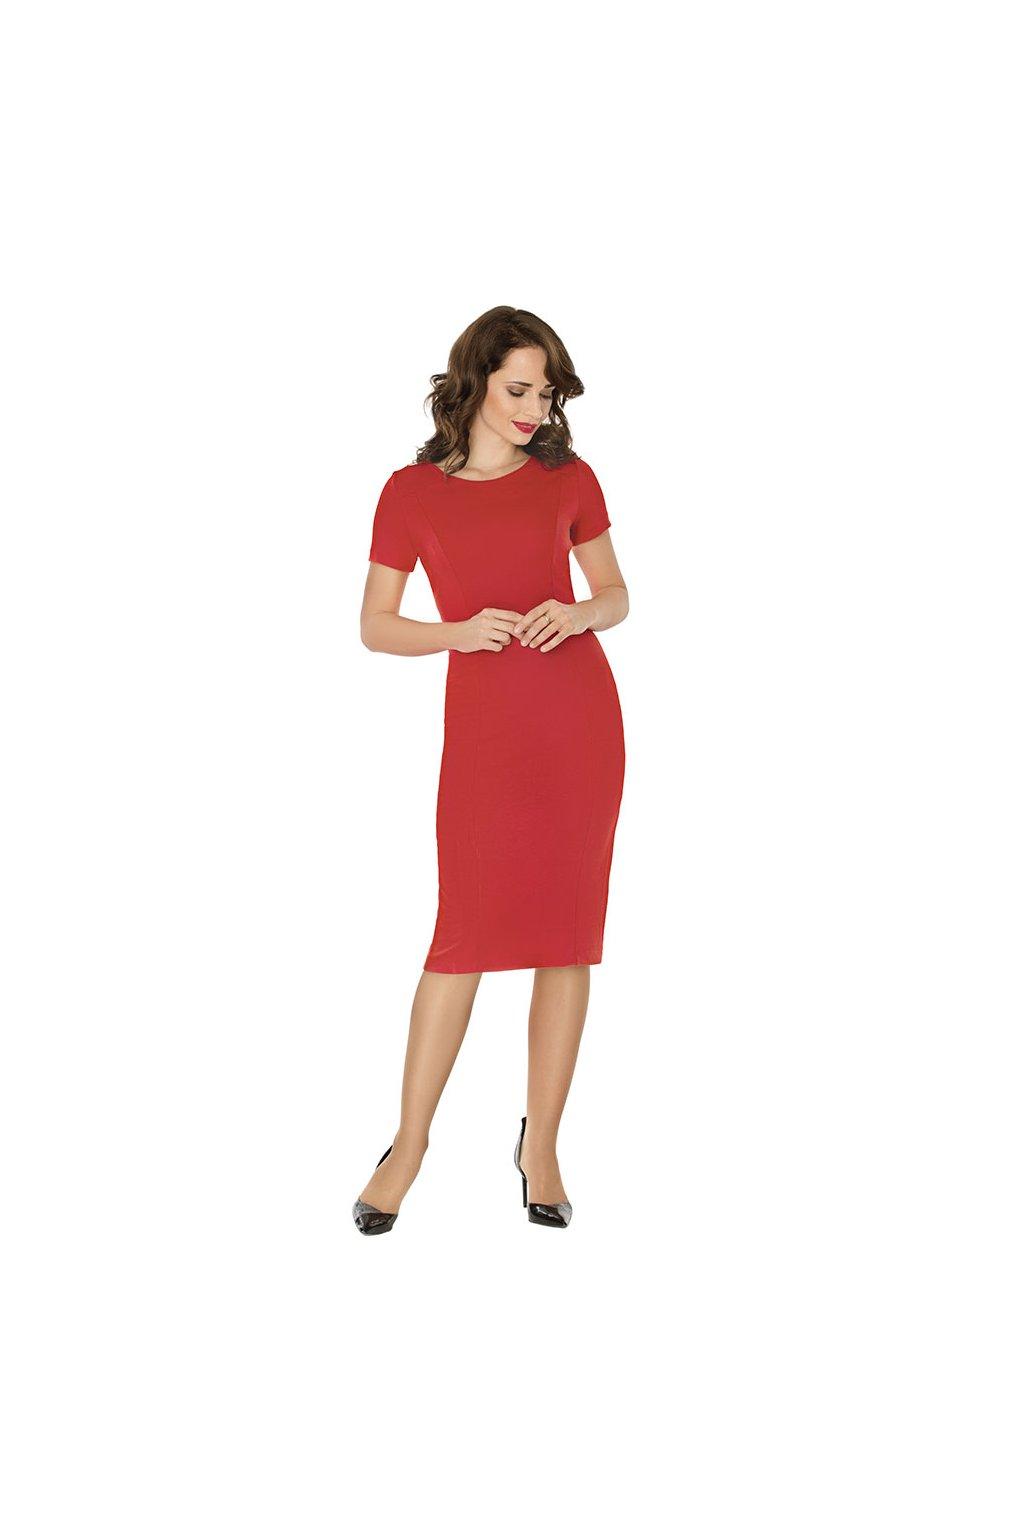 Dámské šaty s krátkým rukávem, 10577 258, červená